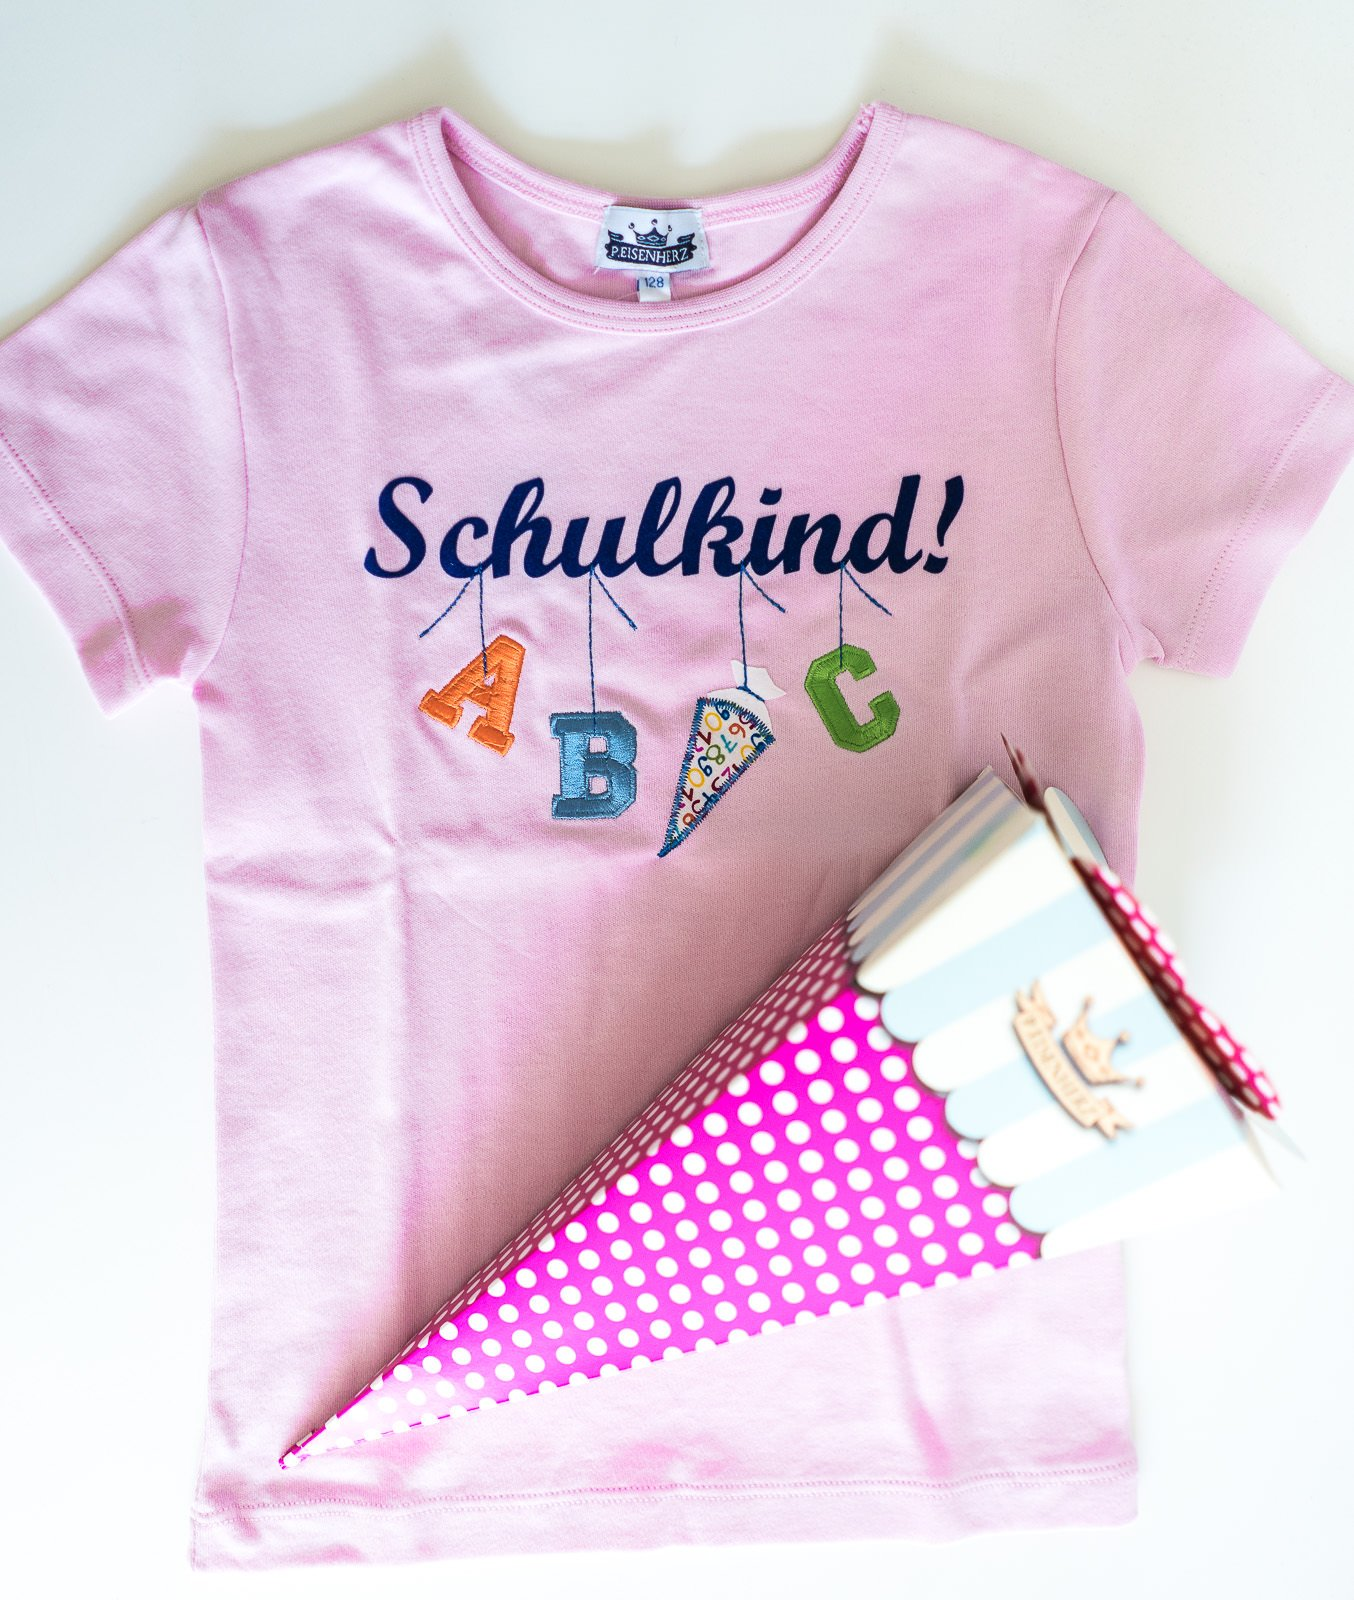 Schulkind shirt Einschulung